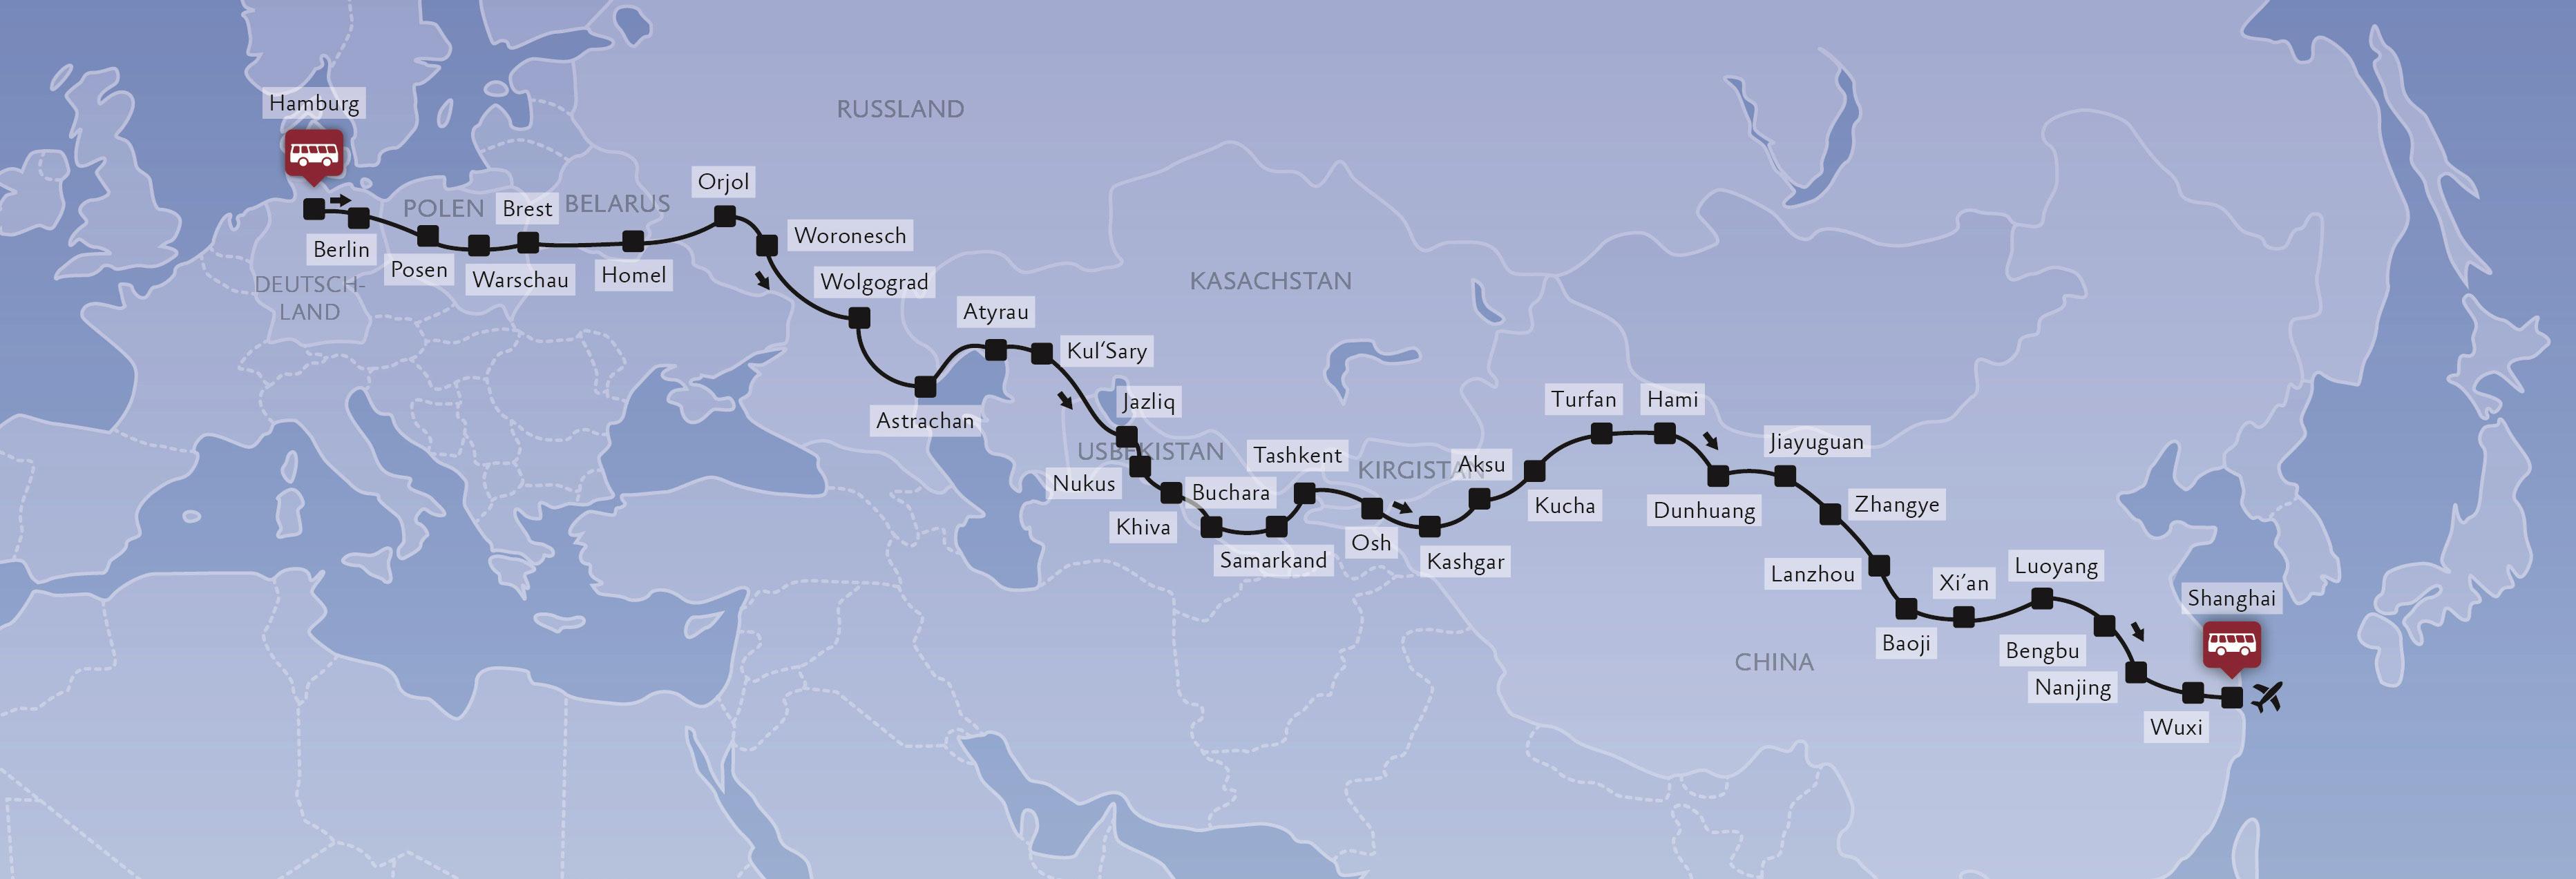 Unsere Reise mit der ZEIT - SeePerlen, hier finden Sie alles für das und  die Perlen: Miyuki, Toho, Swarovski, Künstlerperlen, Tulip-Nadeln, Vintaj  etc., ...